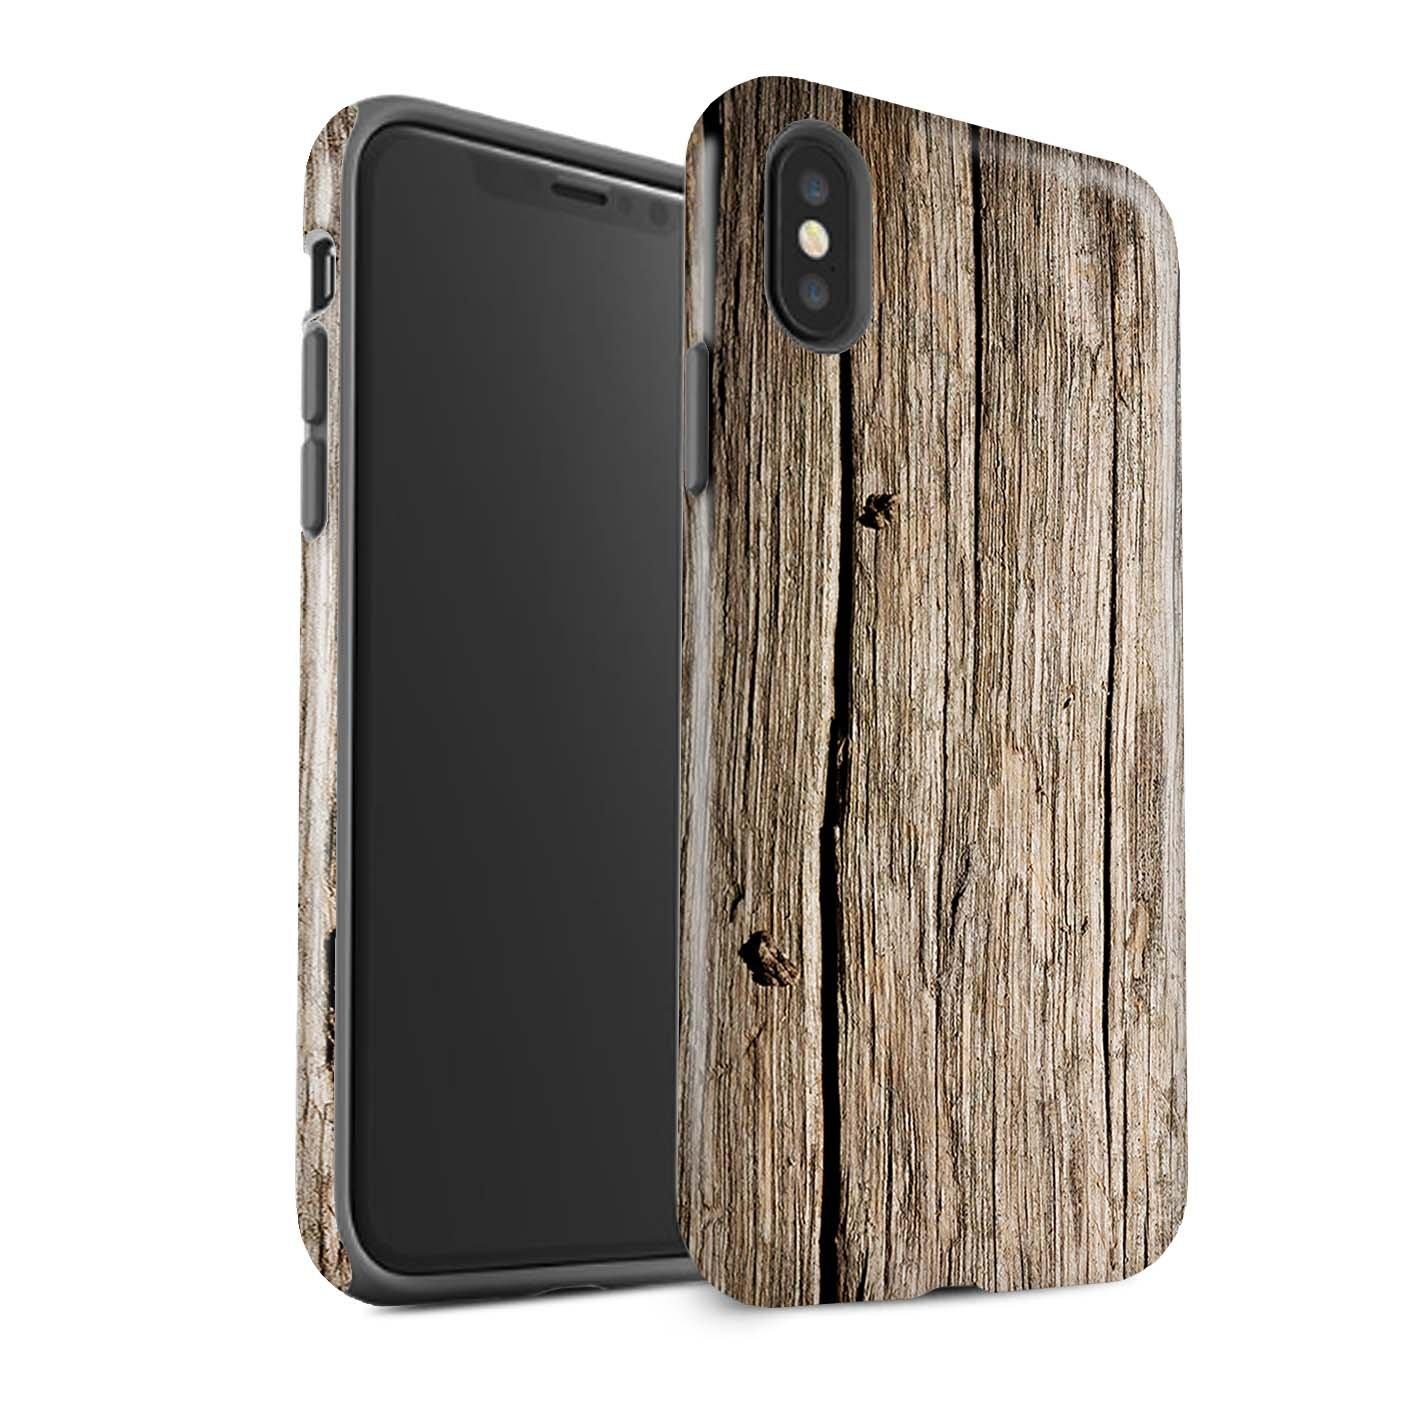 official photos b38c7 2ea93 Amazon.com: STUFF4 Matte Tough Shock Proof Phone Case for Apple ...